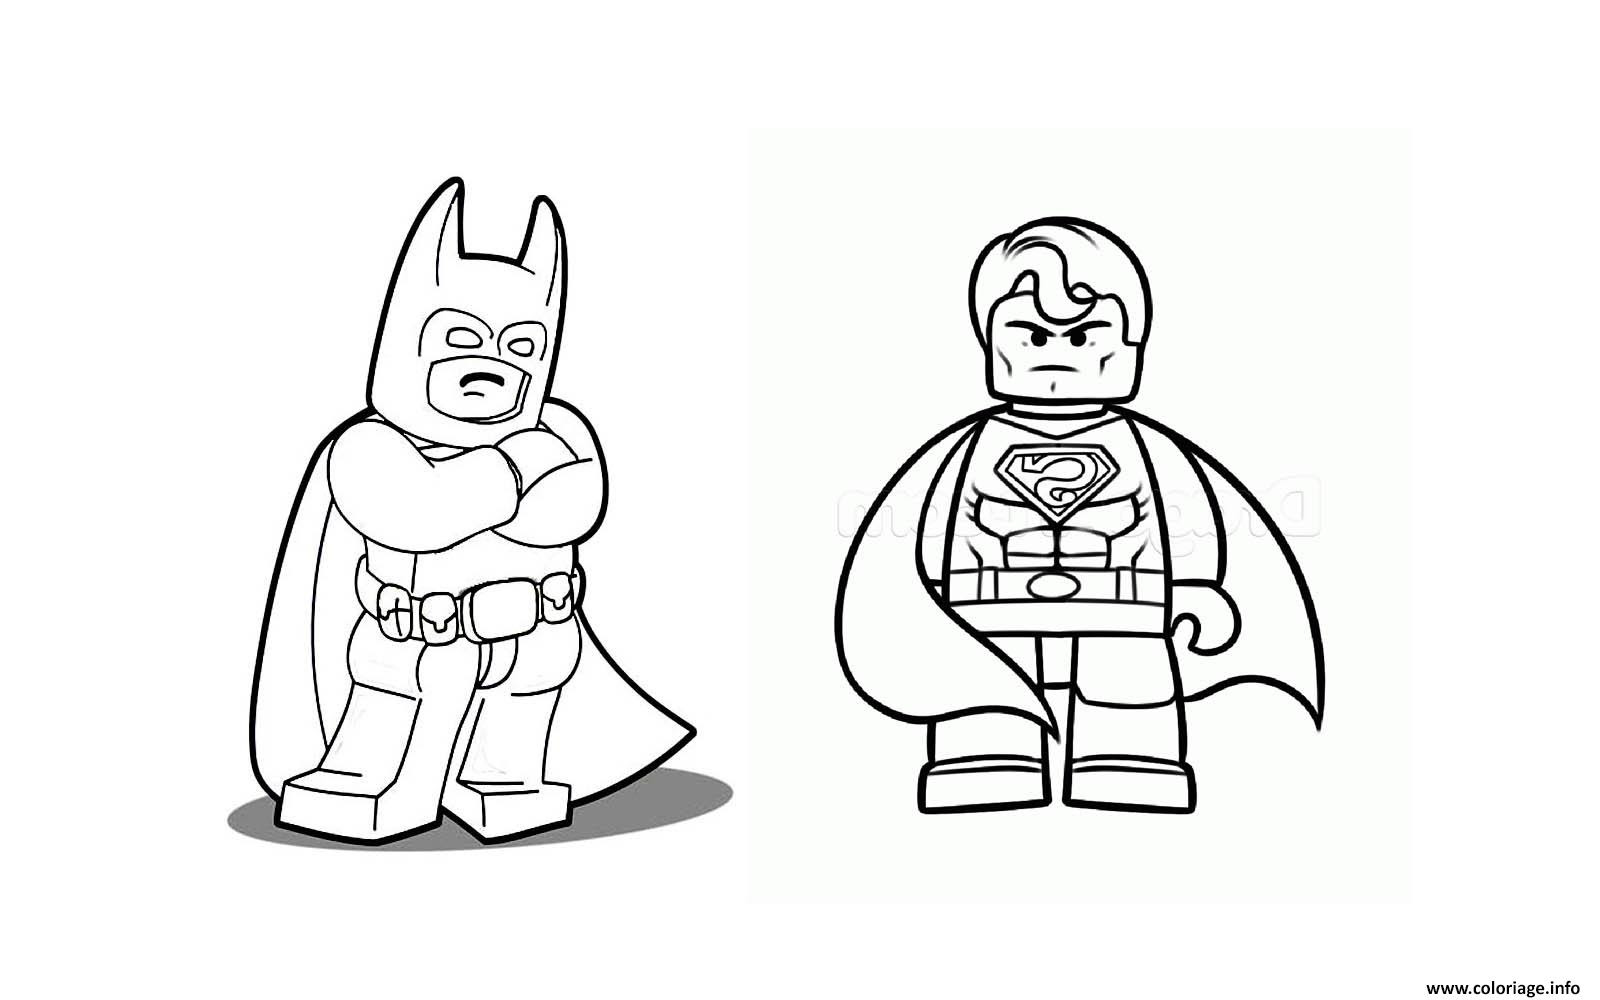 Coloriage Batman Vs Superman Lego 2016 Jecoloriecom